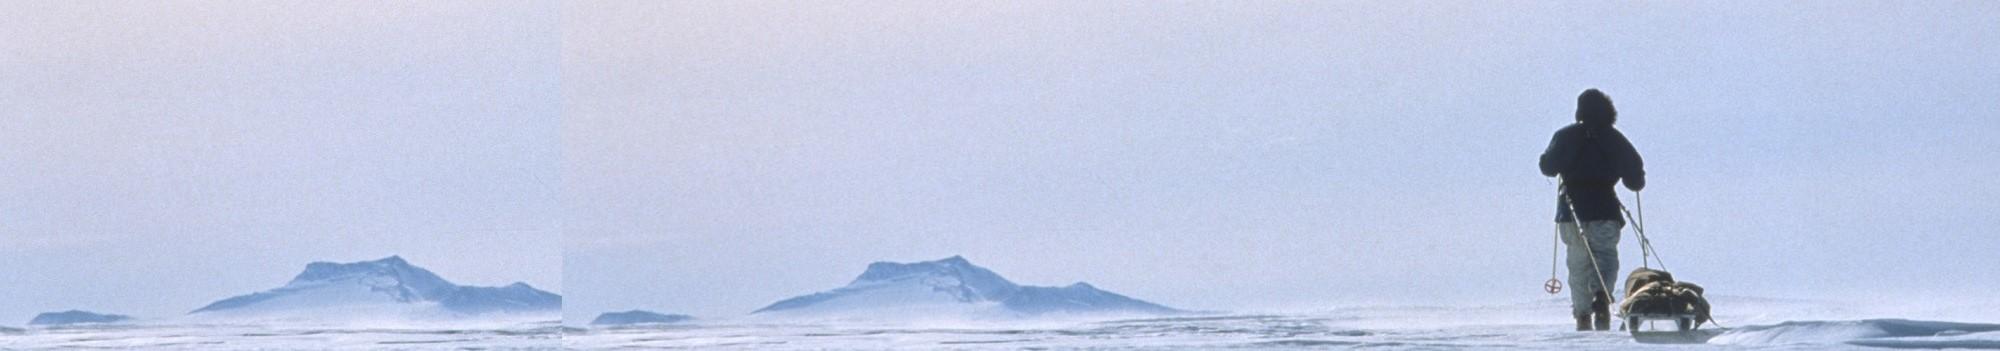 la douleur comme une expédition polaire - ABC Douleur